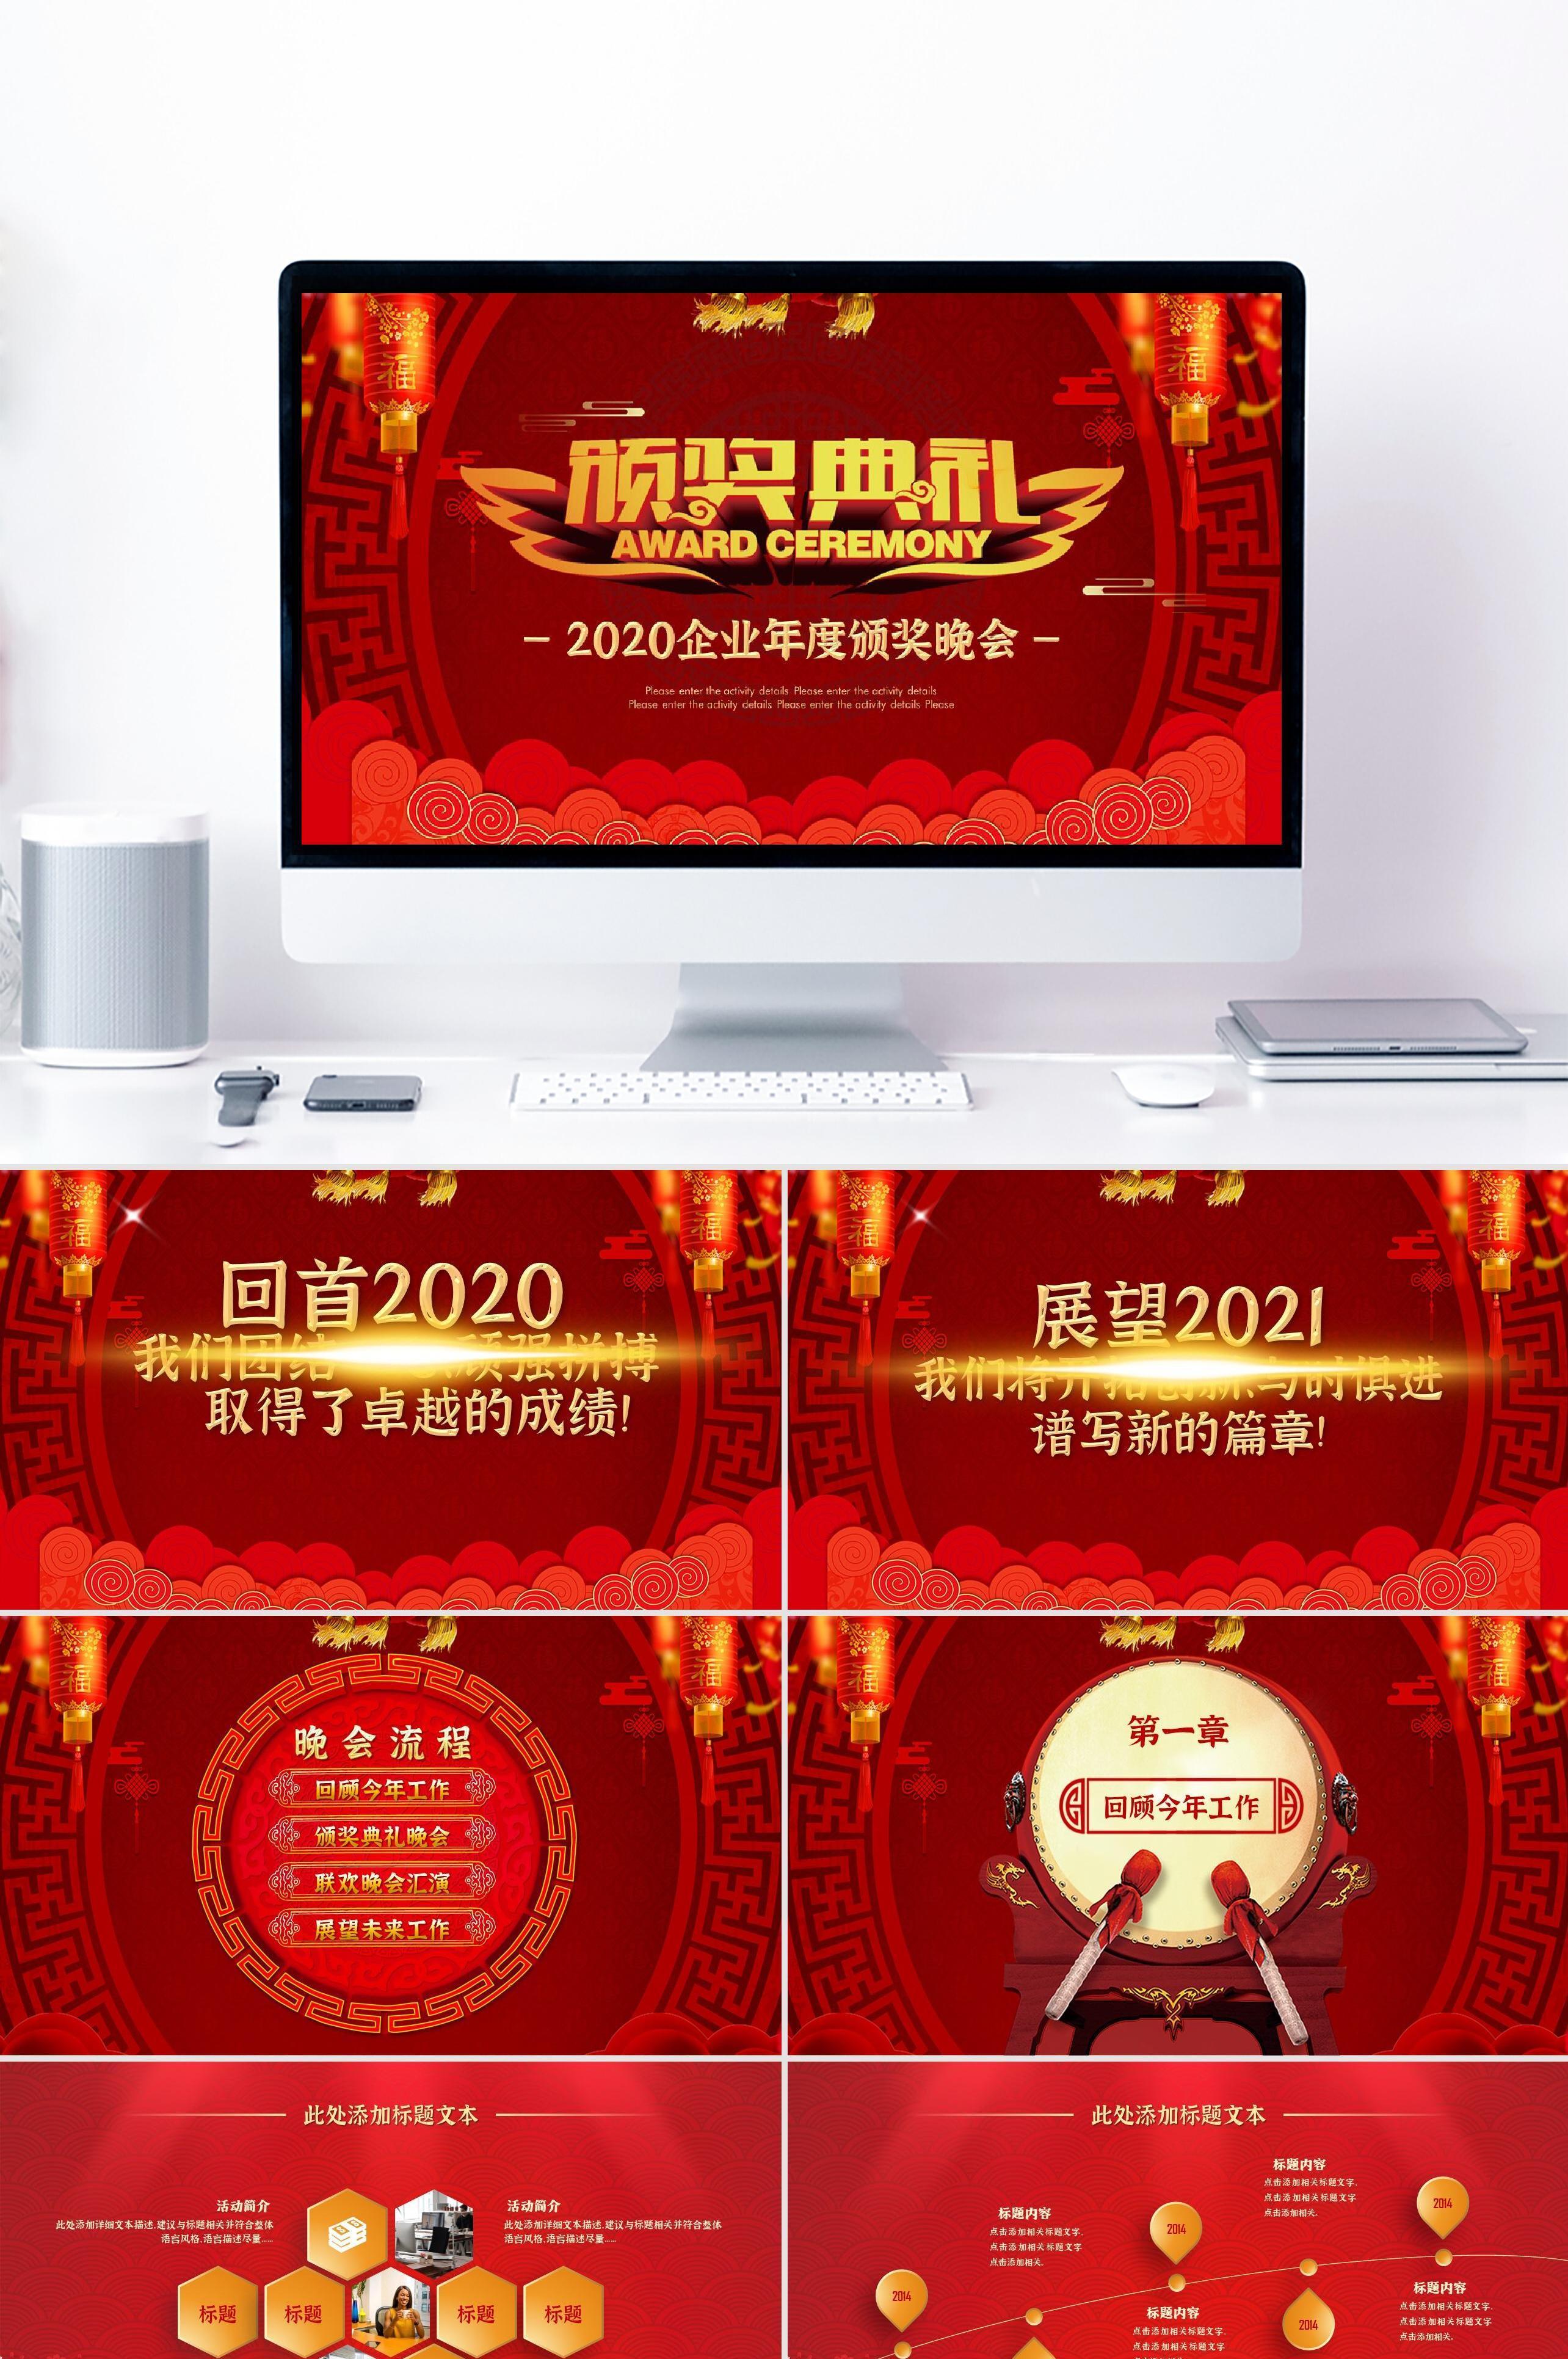 红色大气2020年度企业颁奖典礼PPT模板